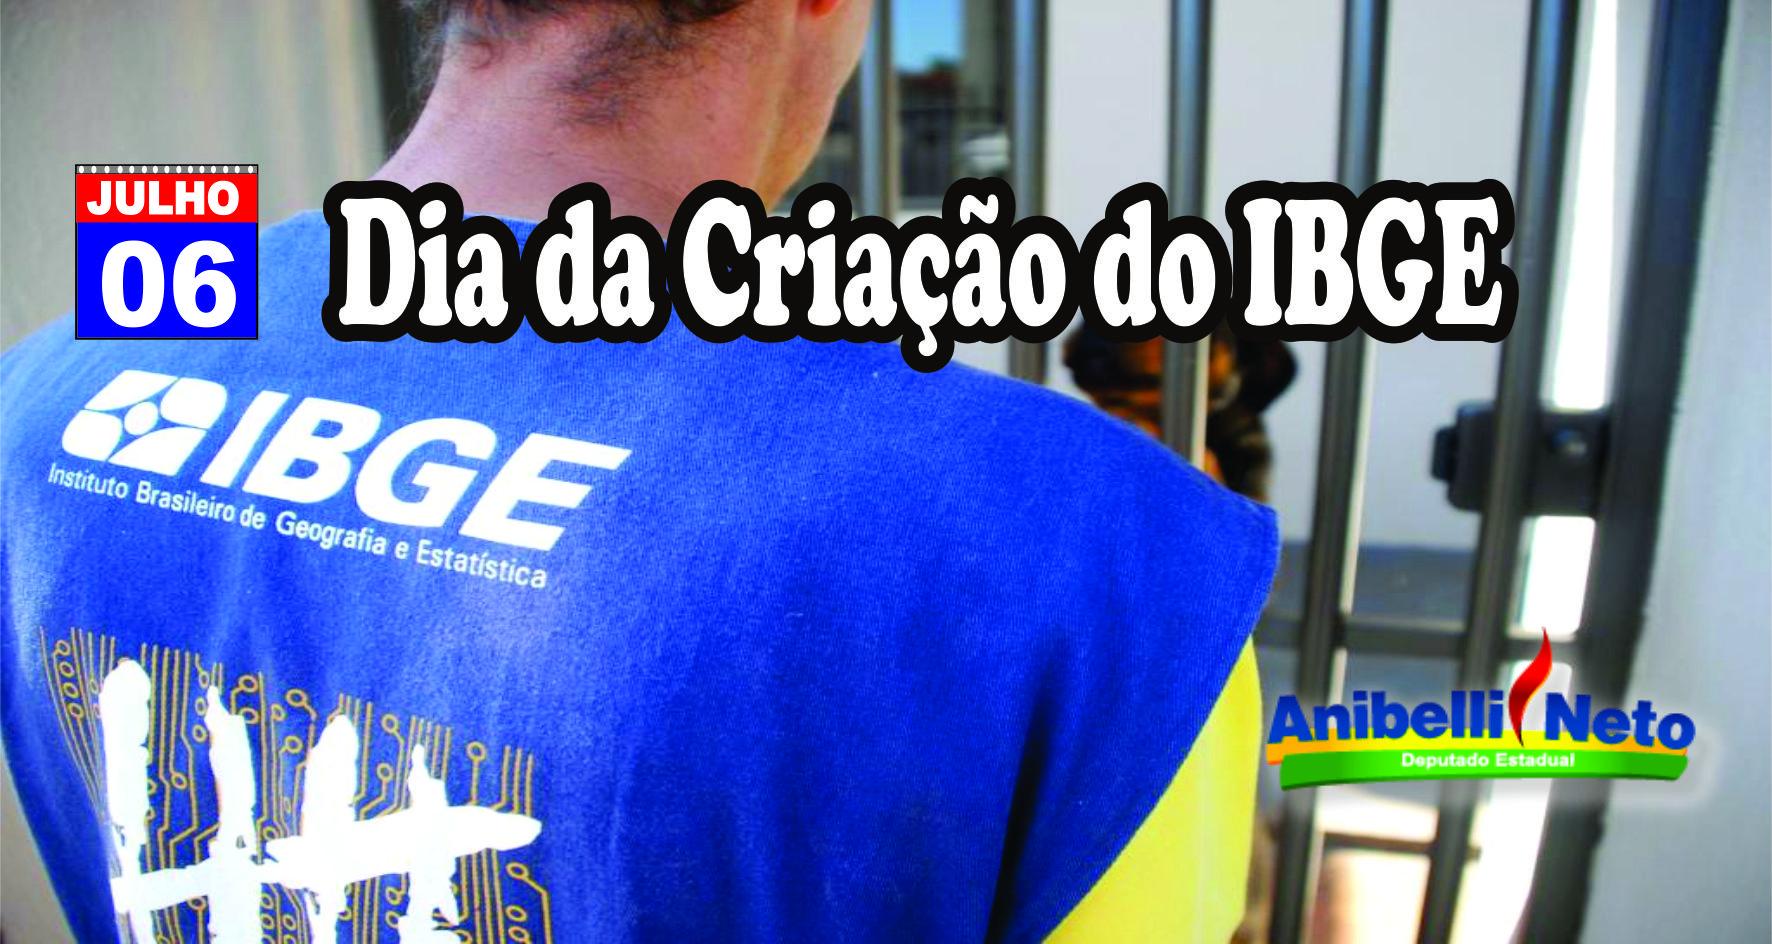 Dia da criação do IBGE